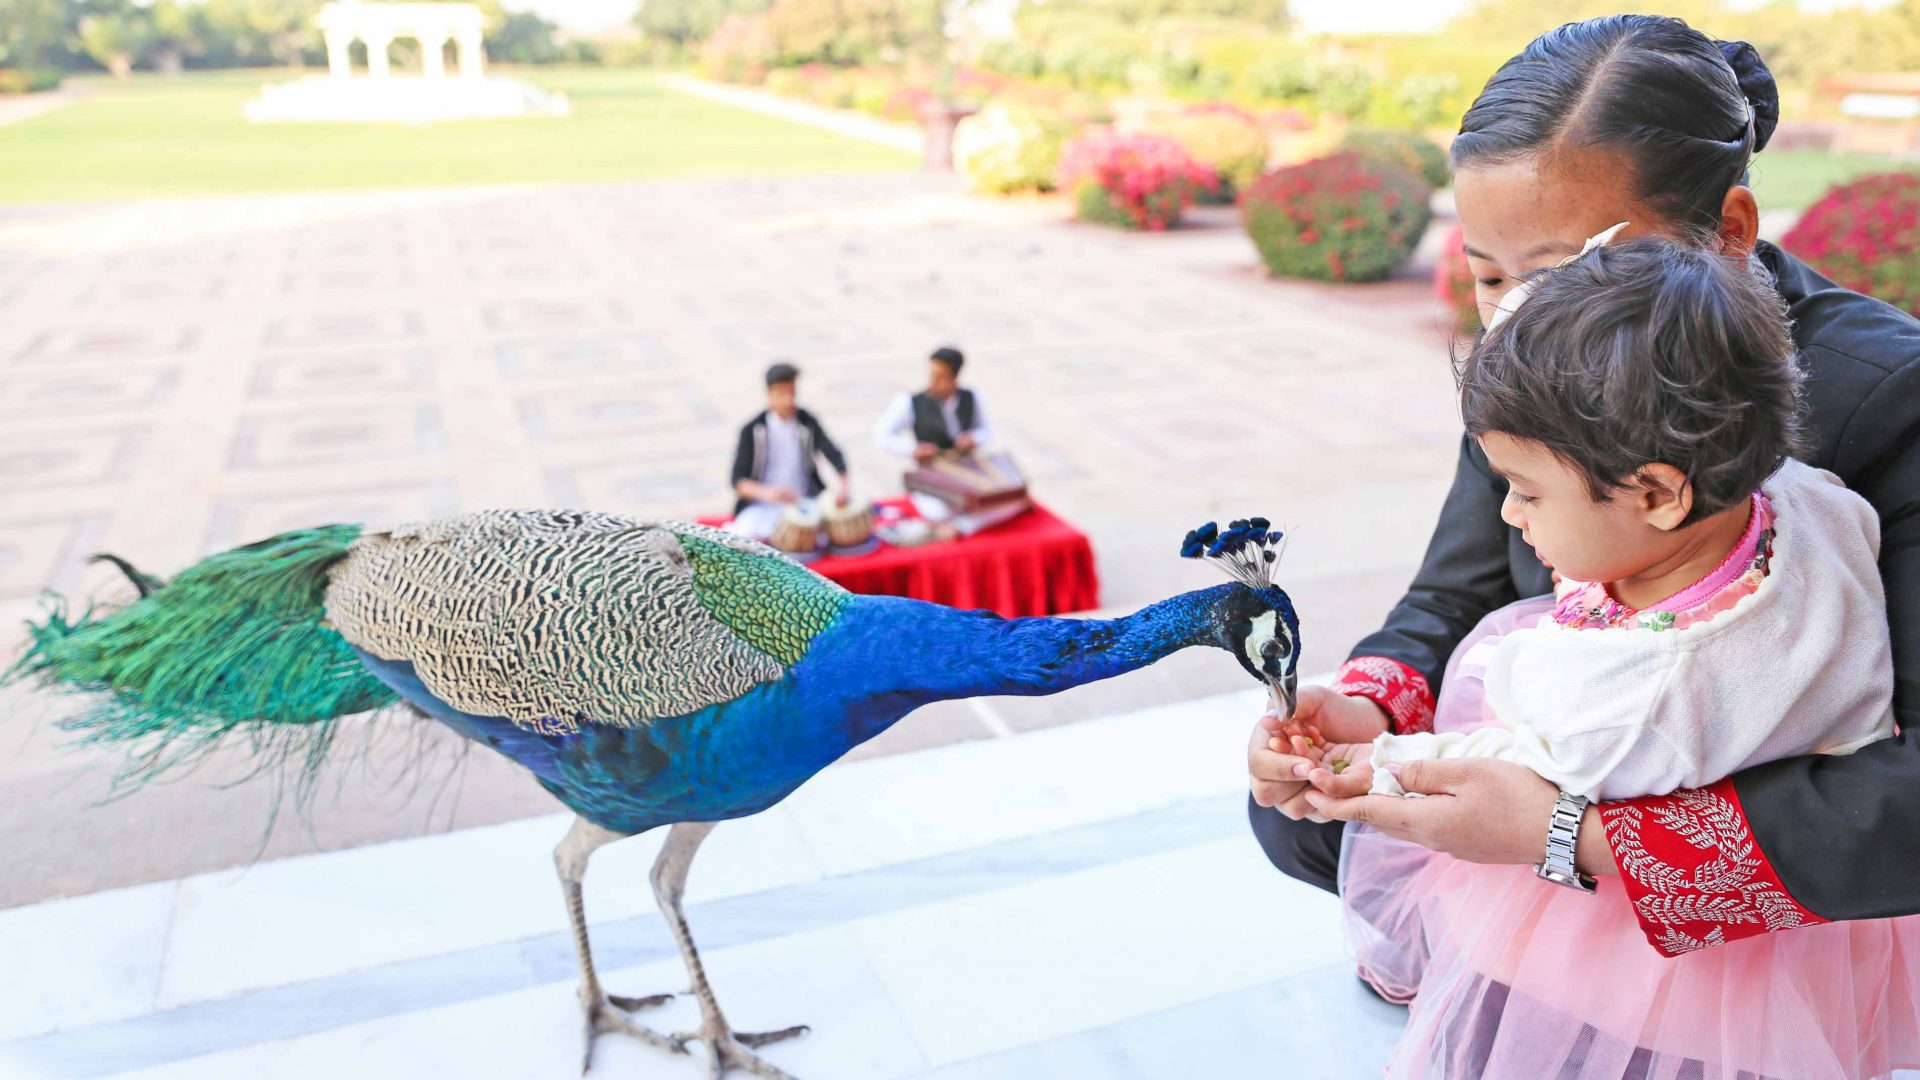 Baby Gia Sereni enjoys feeding a peacock in Jodhpur, Rajasthan, India.